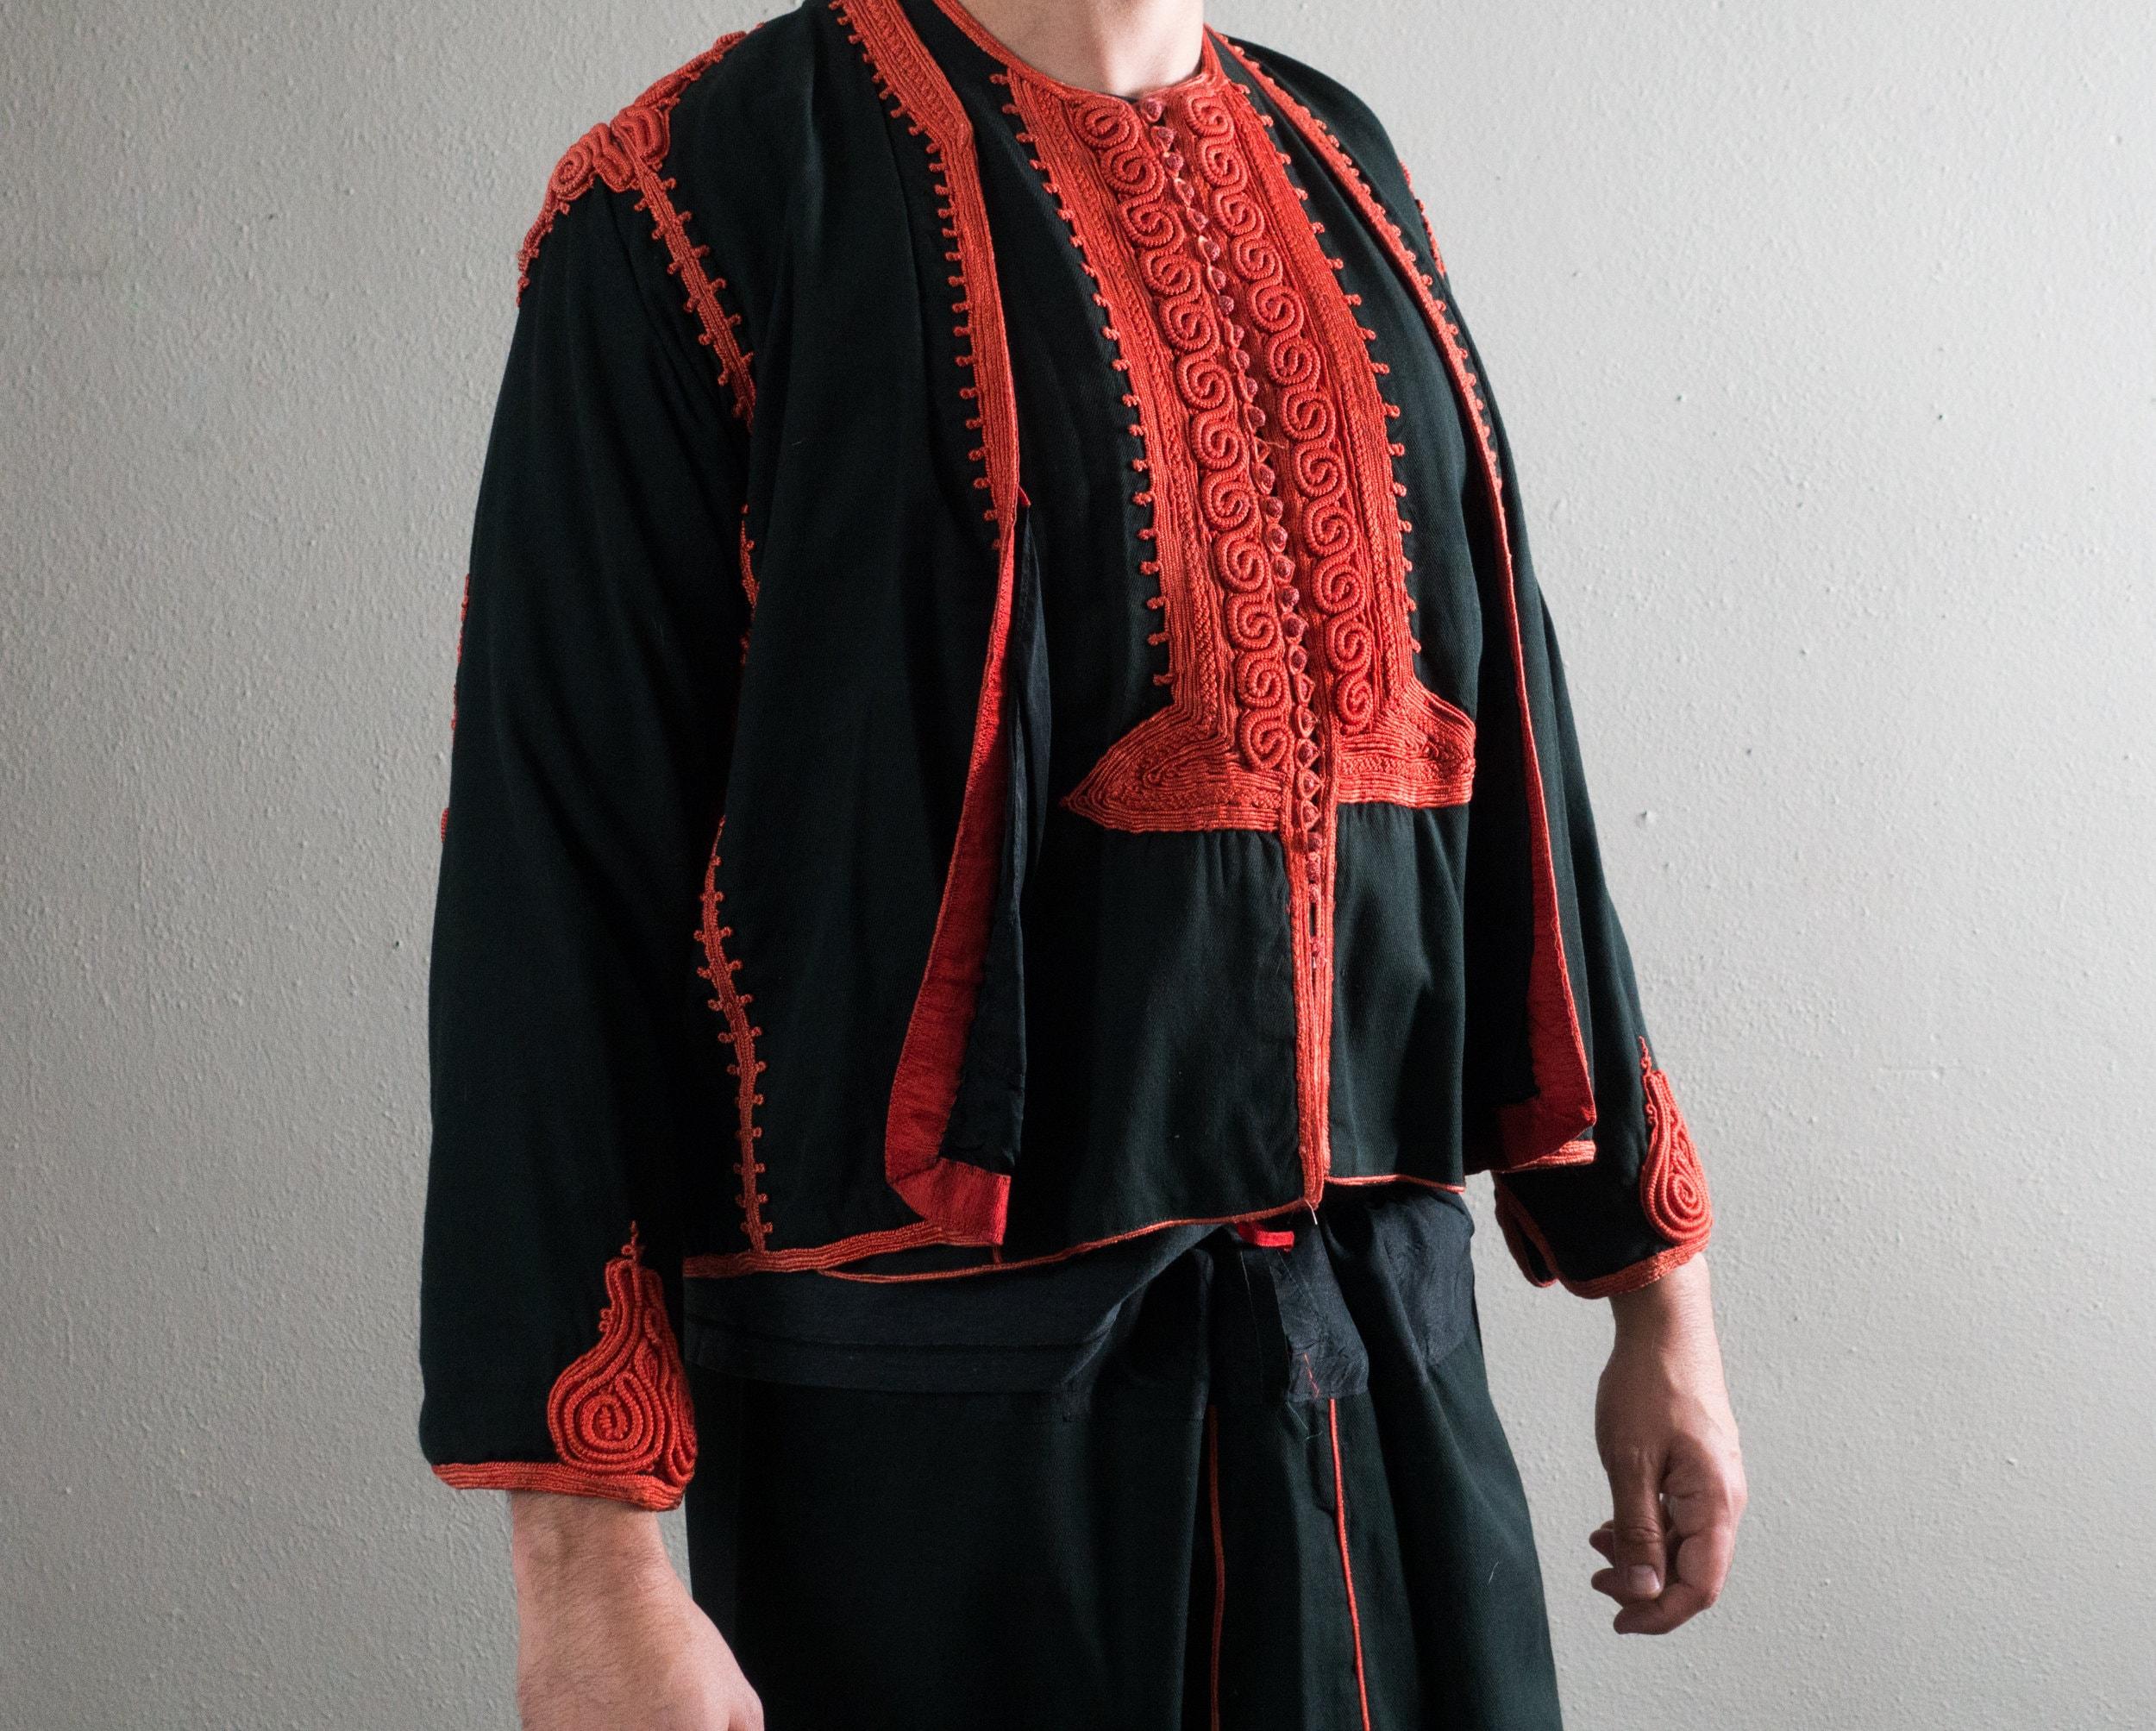 1950s Men's Ties, Bow Ties – Vintage, Skinny, Knit Vintage Libyan Badla Mens Black  Red Outfit $340.00 AT vintagedancer.com